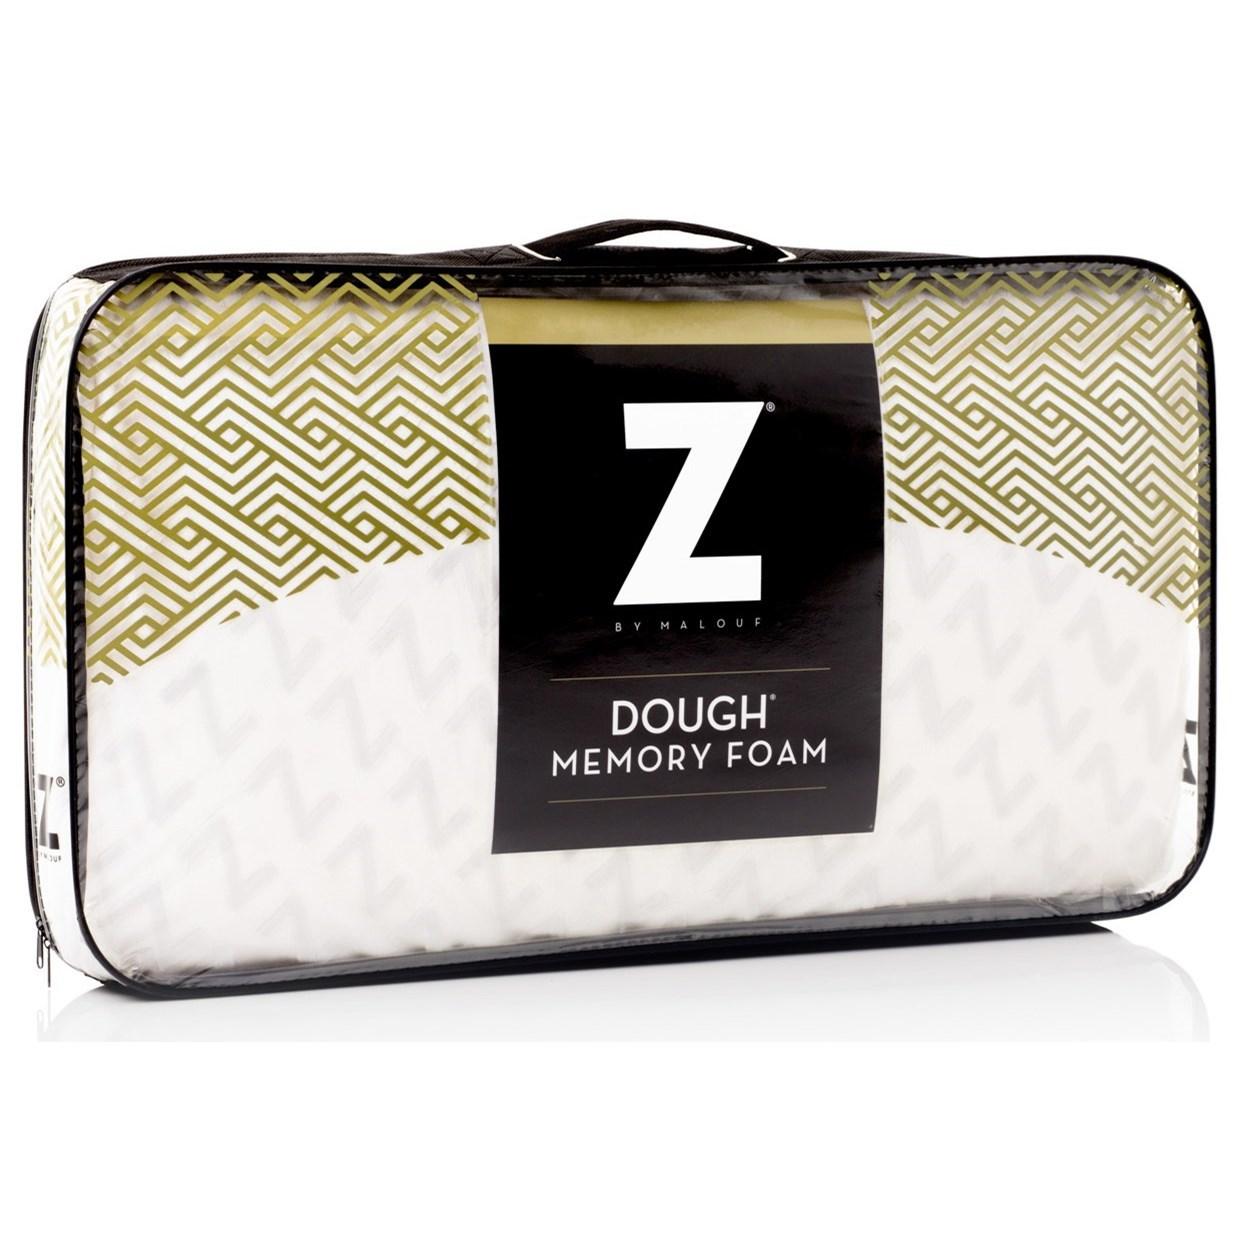 Malouf Dough Queen Dough High Loft Firm Pillow - Item Number: ZZQQHFDF